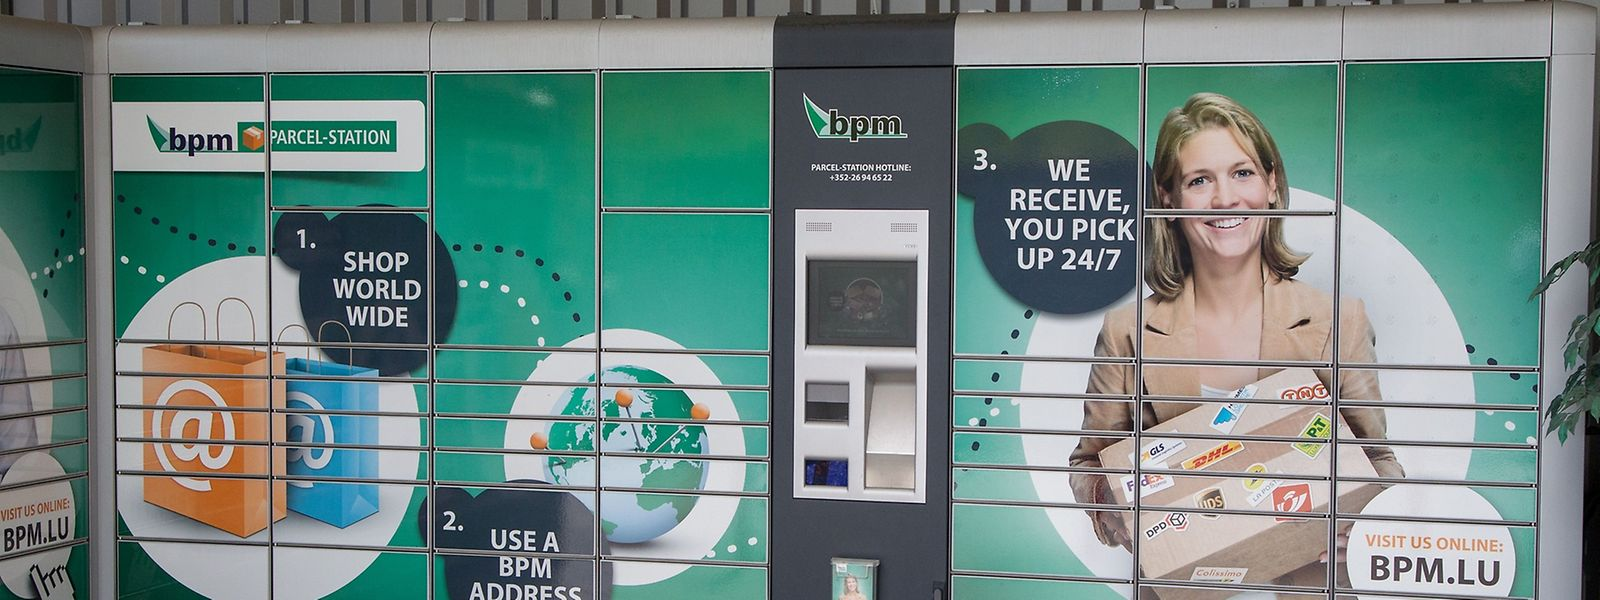 Die früheren Paketautomaten wurden inzwischen von der luxemburgischen Post übernommen. Sie stehen BPM nicht mehr zur Verfügung. BPM-Sendungen können künftig in Paketshops abgeholt werden.